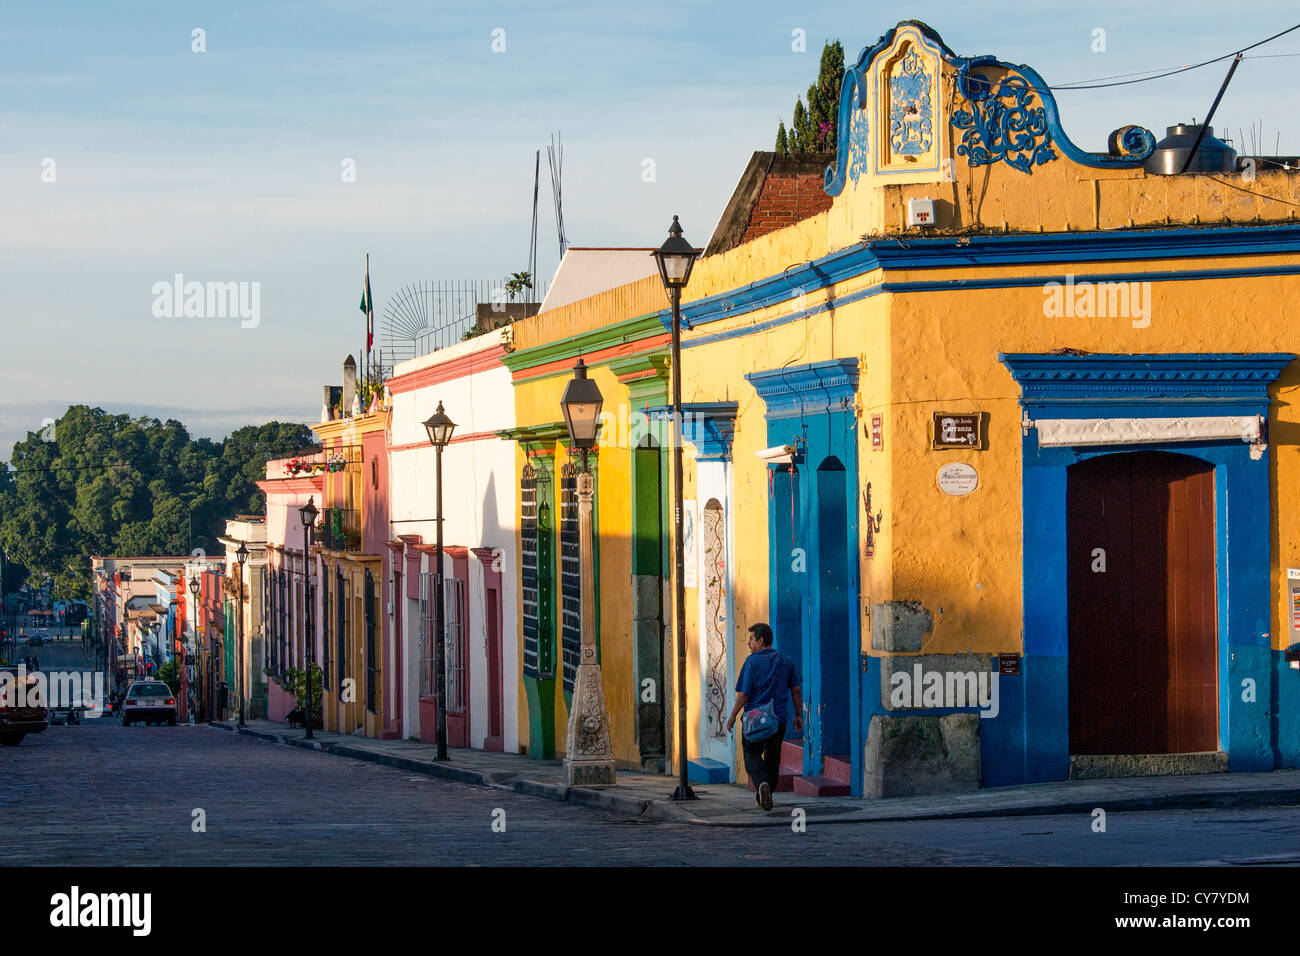 Bunte Häuser garcia vigil Straße in der Innenstadt von Oaxaca, Mexiko. Stockbild